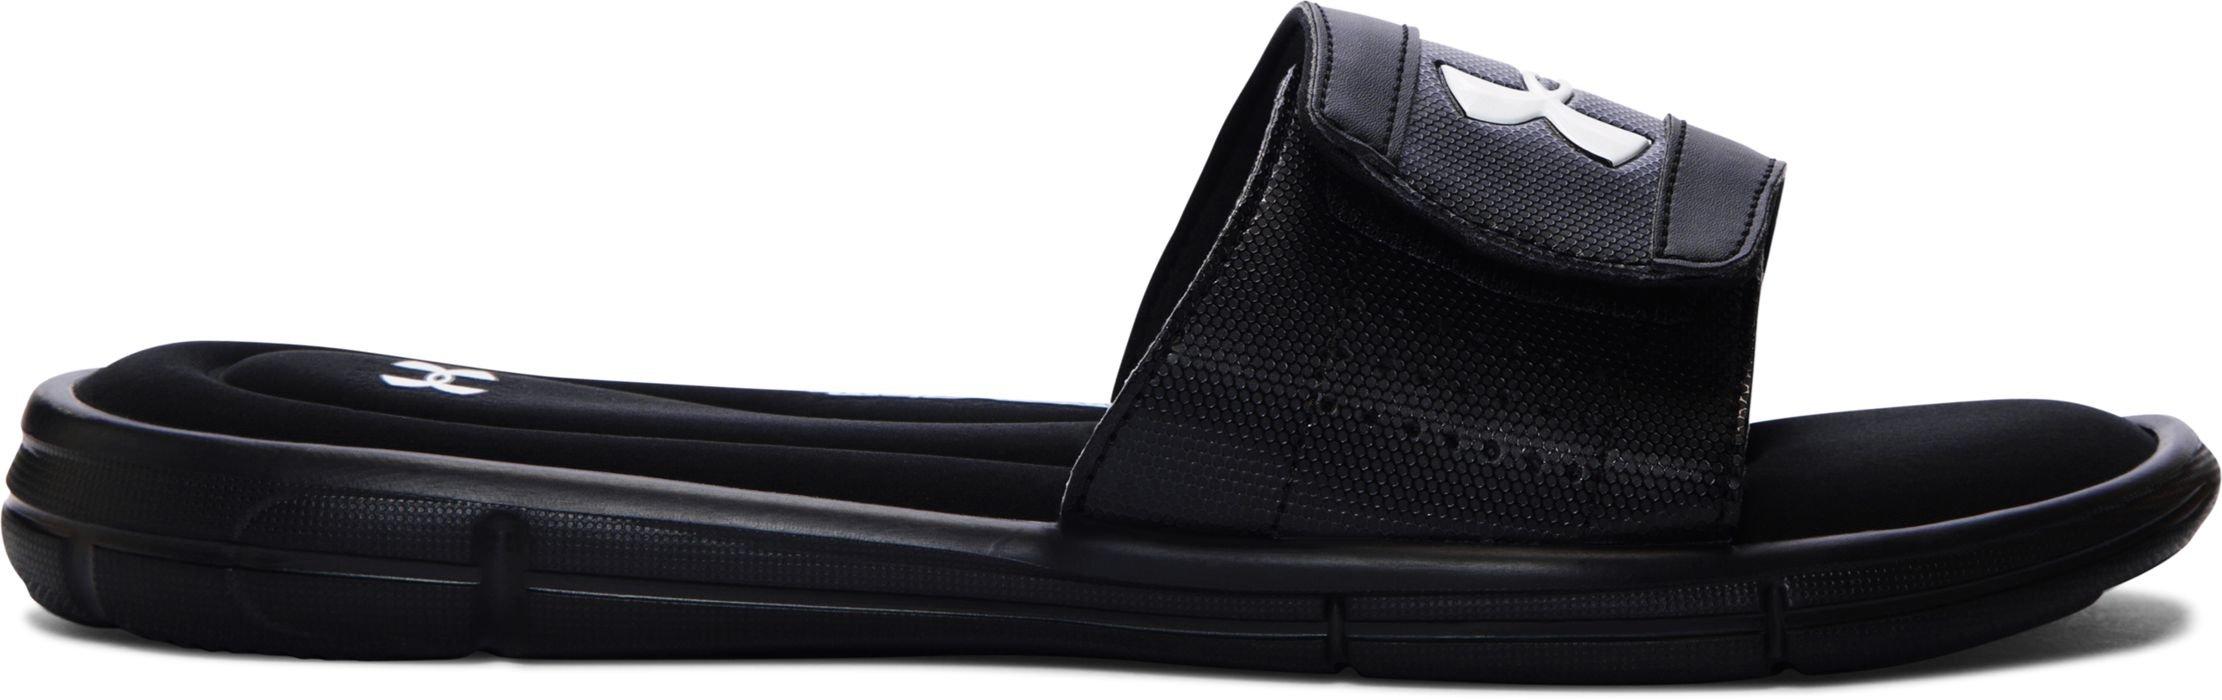 Under Armour Men's UA Ignite V Slide Black/White Athletic Shoe